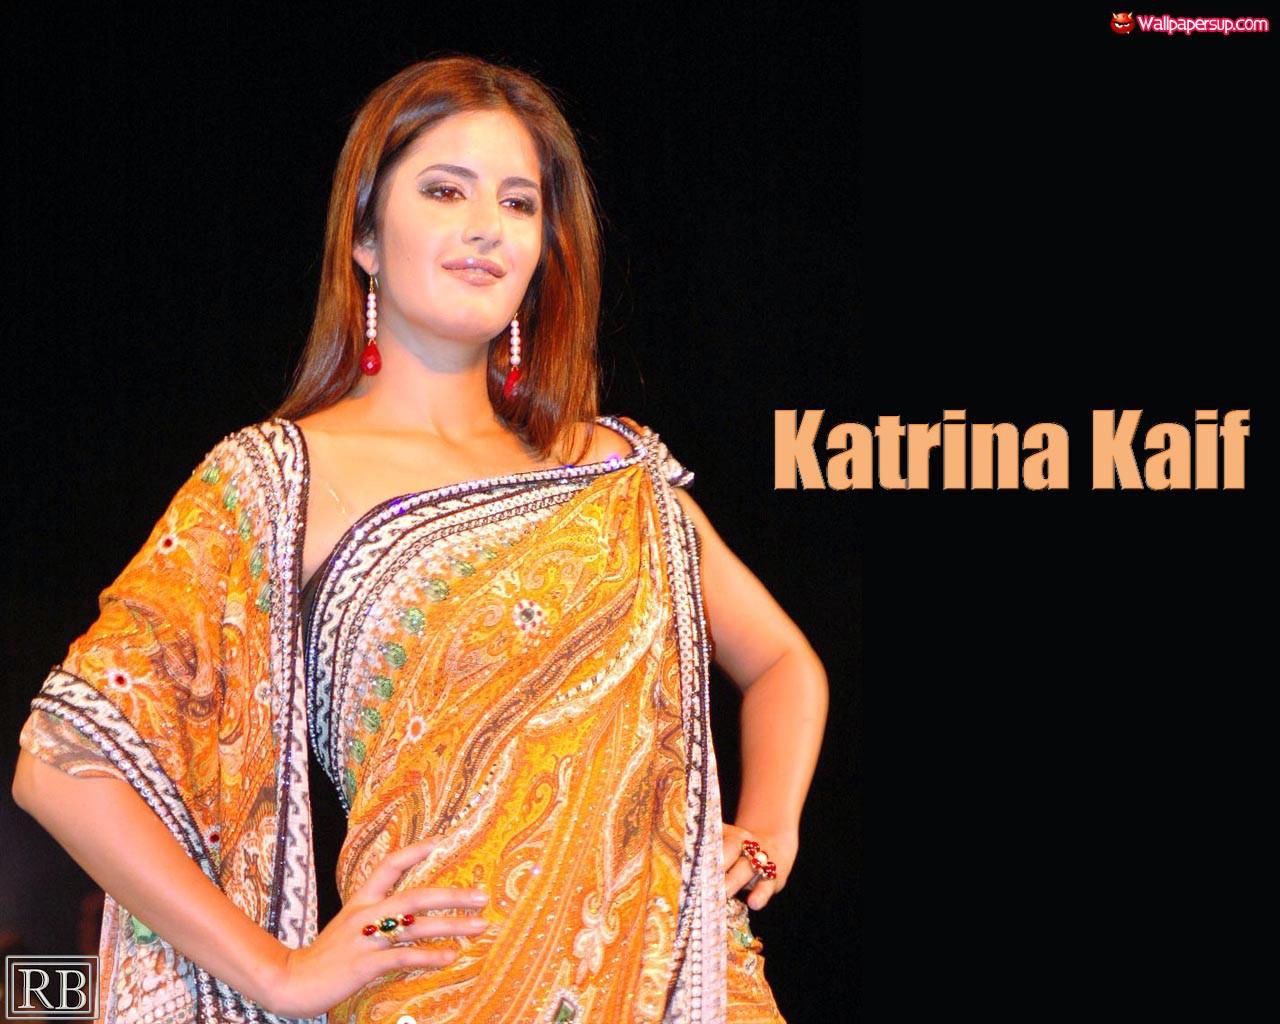 Katrina Kaif: Katrina Kaif, Sexy in Saree